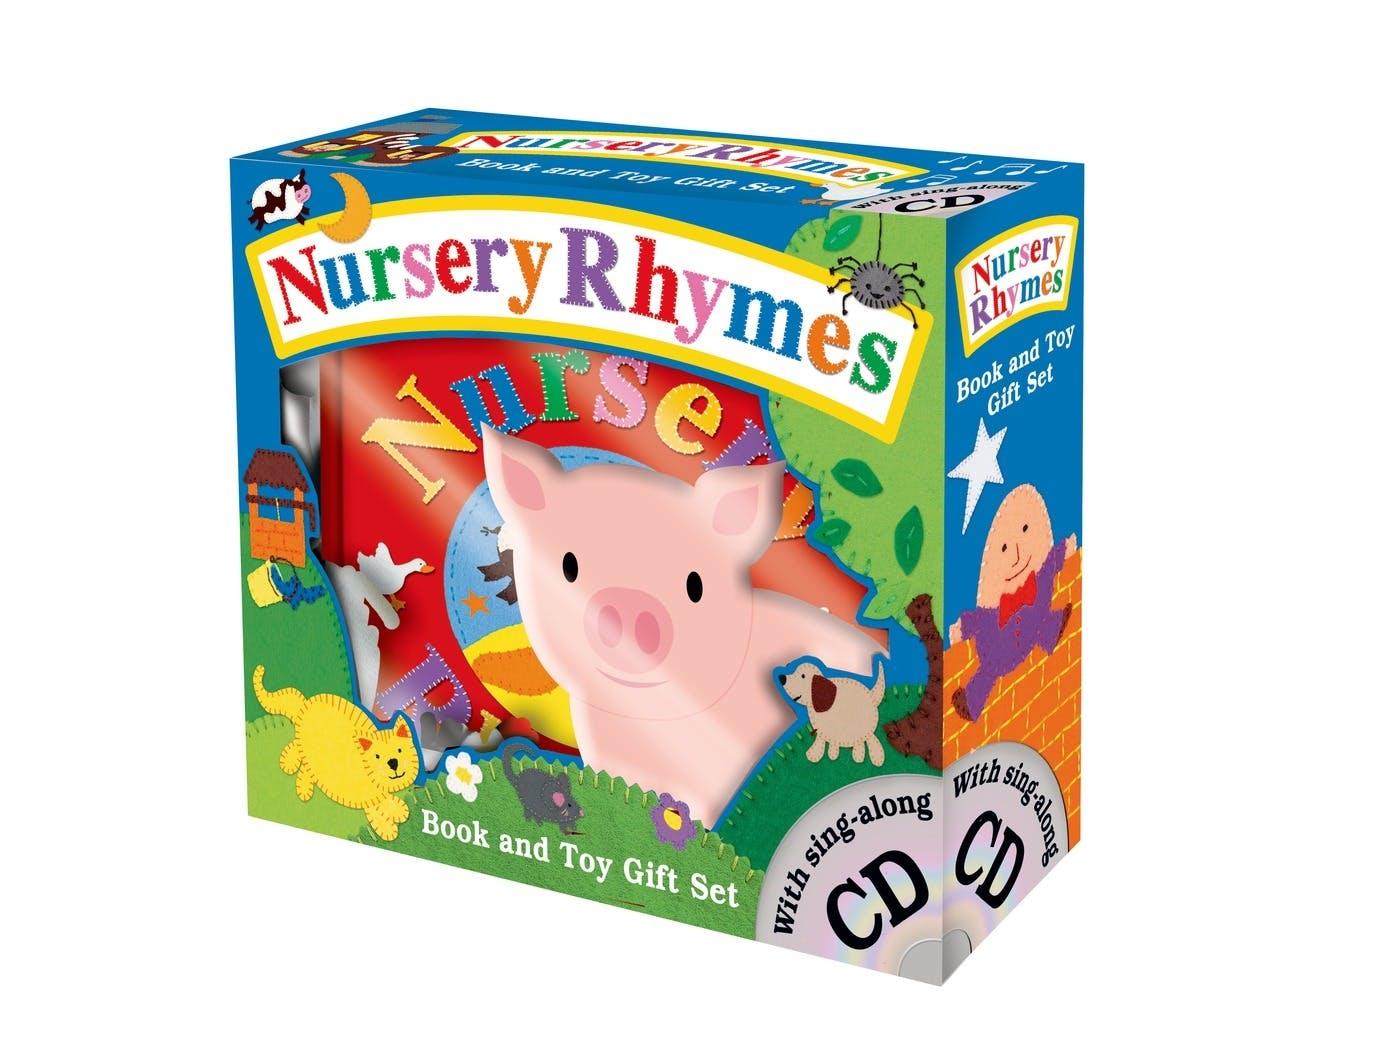 Image of Nursery Rhymes